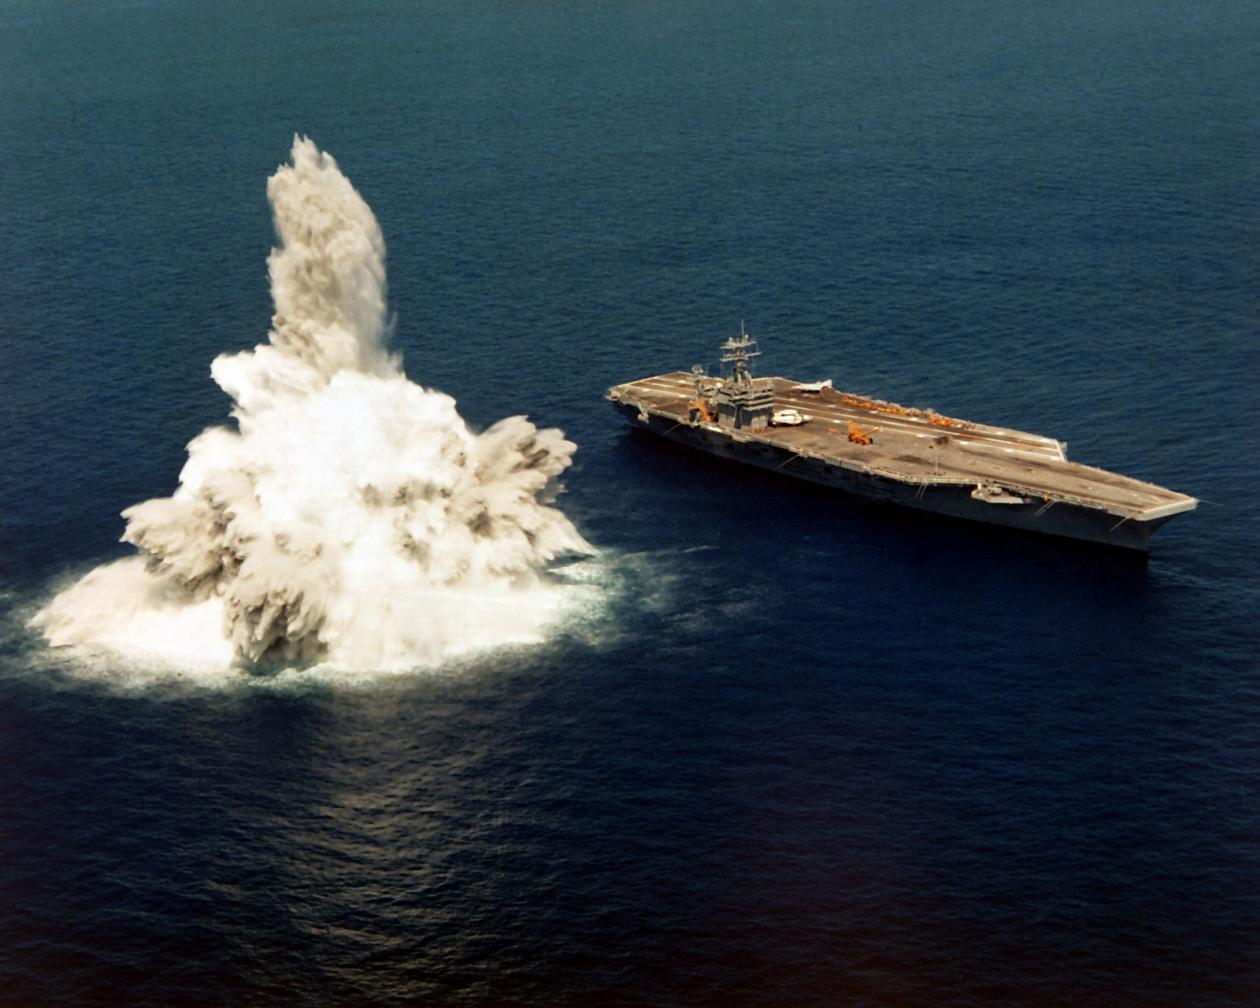 美军在新航母旁引爆炸弹 测试能否扛住DF-21D打击